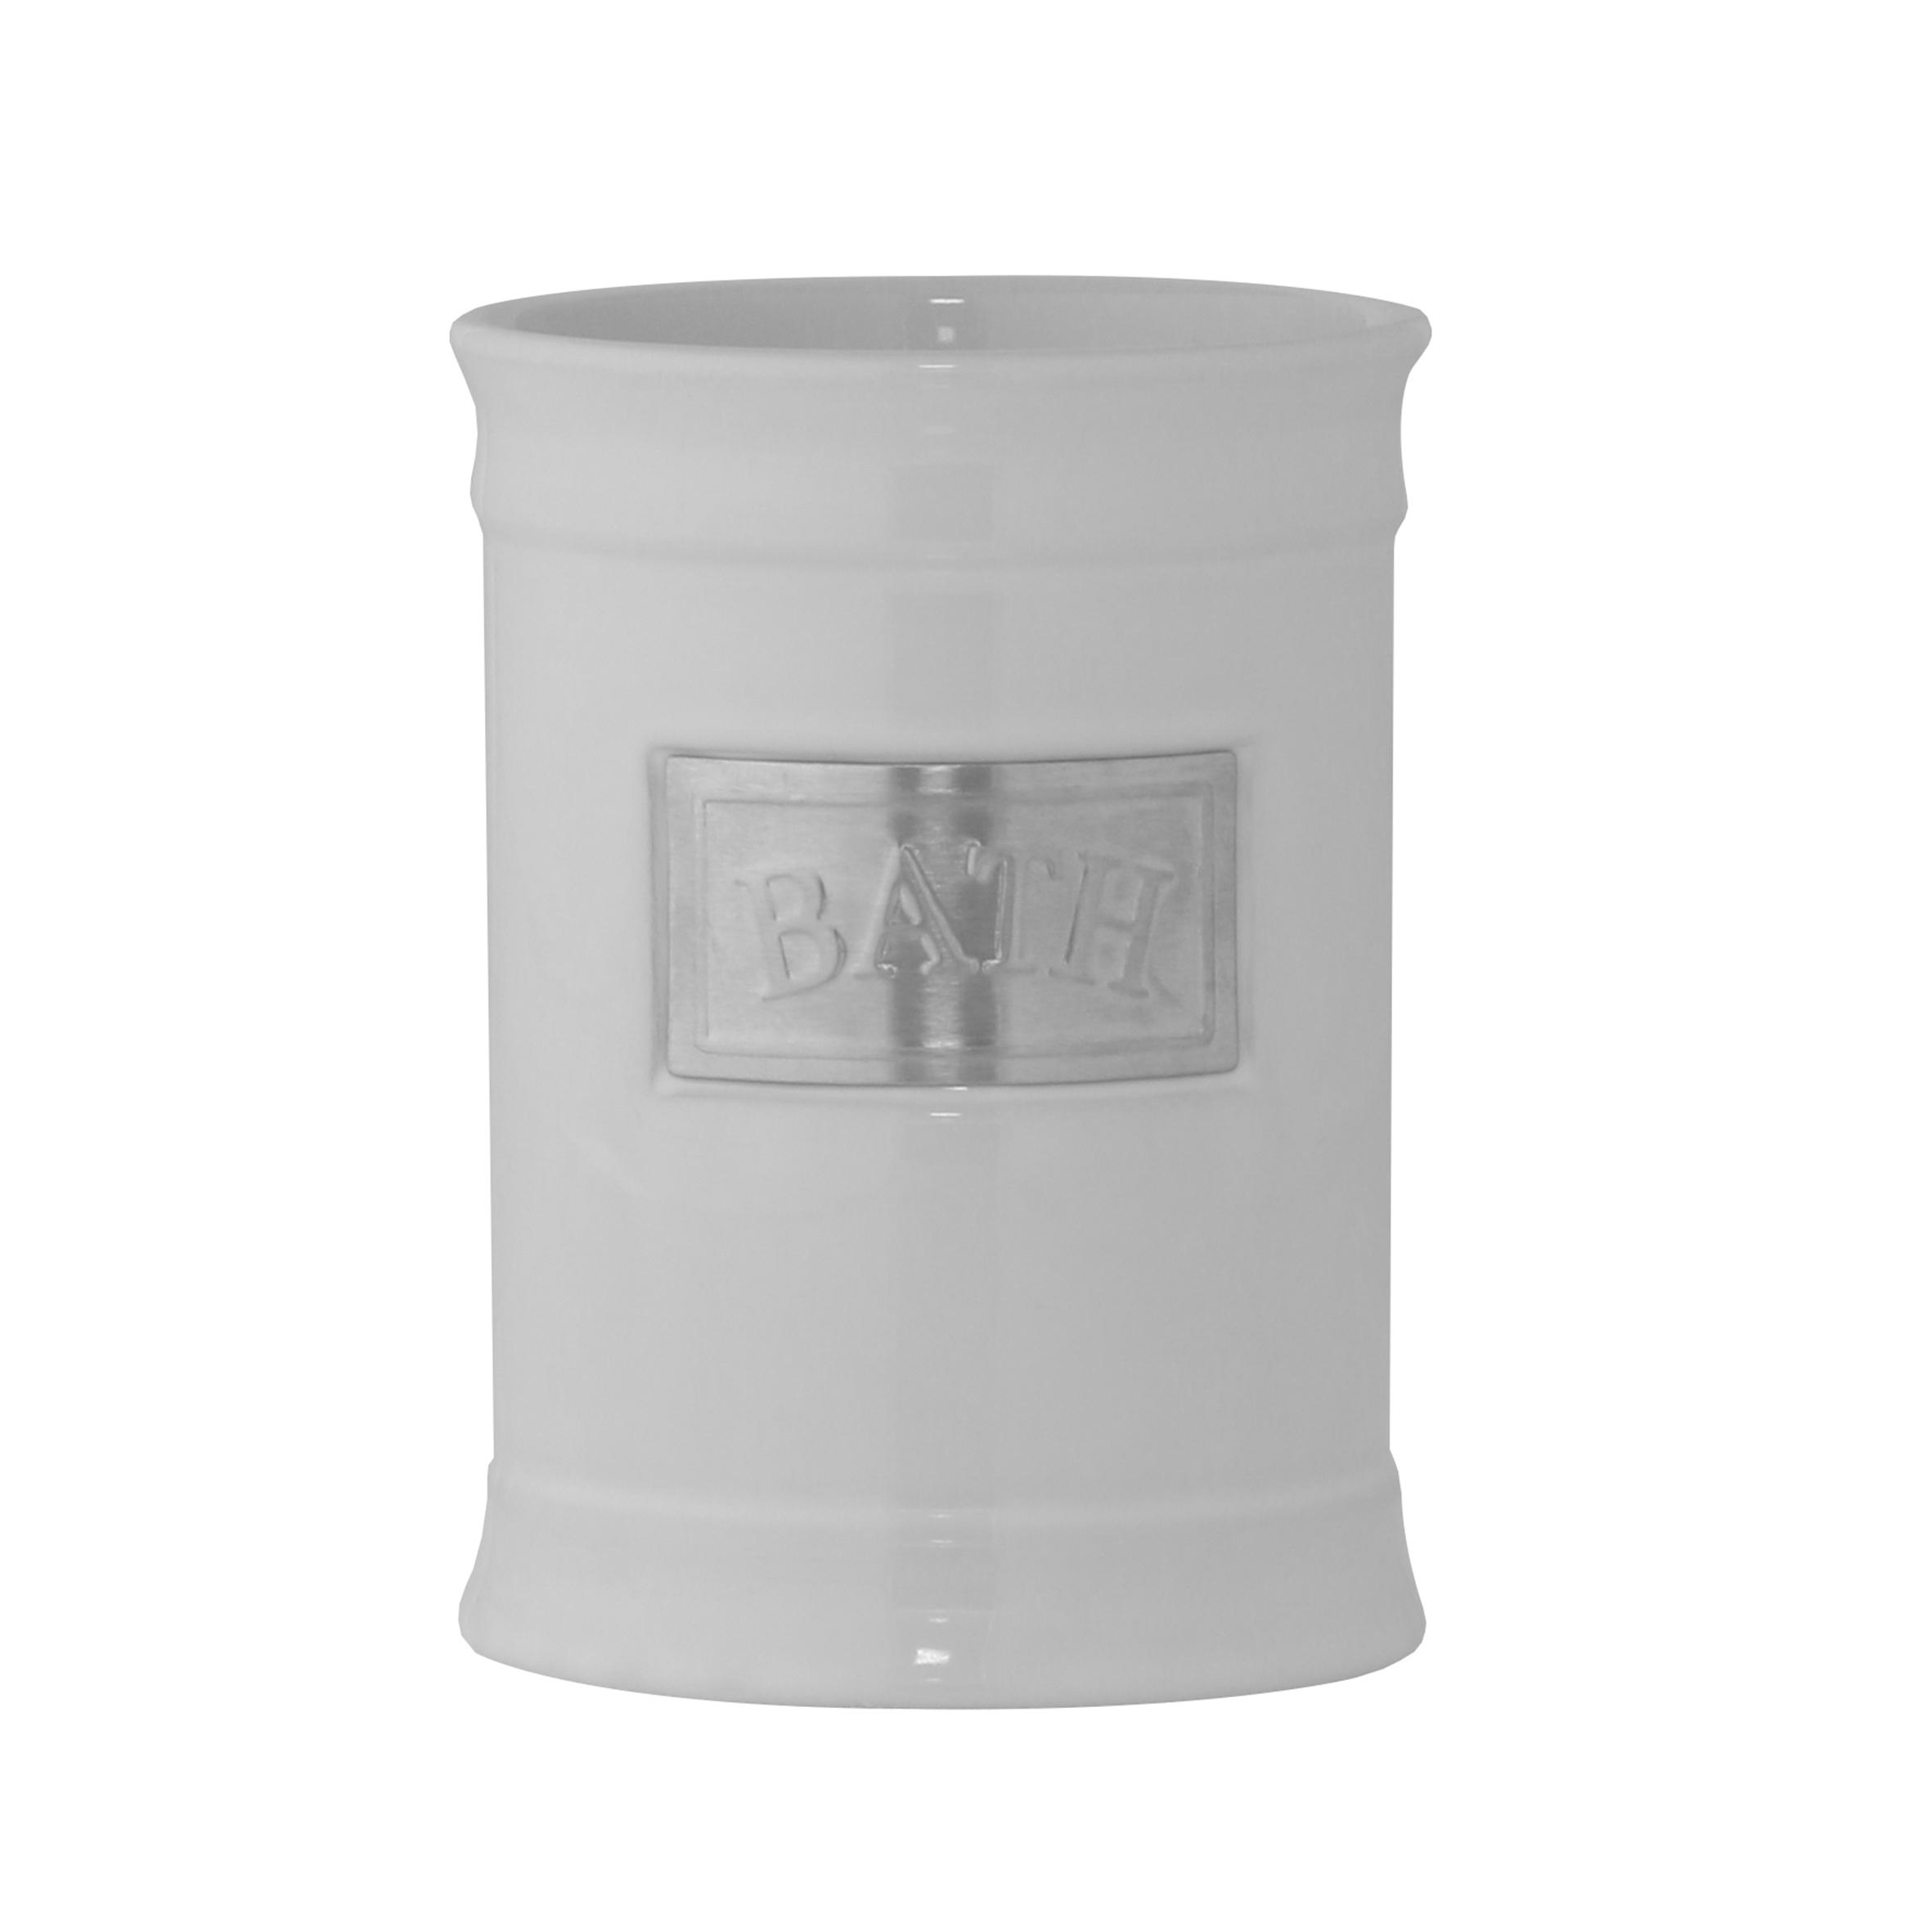 Стакан для ванной комнаты Axentia Lyon, высота 11,5 см68/5/2Стакан для ванной комнаты Axentia Lyon выполнен из белоснежной керамики с элементами из нержавеющей стали в античном стиле. Изделие отлично подойдет для любого интерьера ванной комнаты.Высота стакана: 11,5 см.Диаметр стакана (по верхнему краю): 8,5 см.